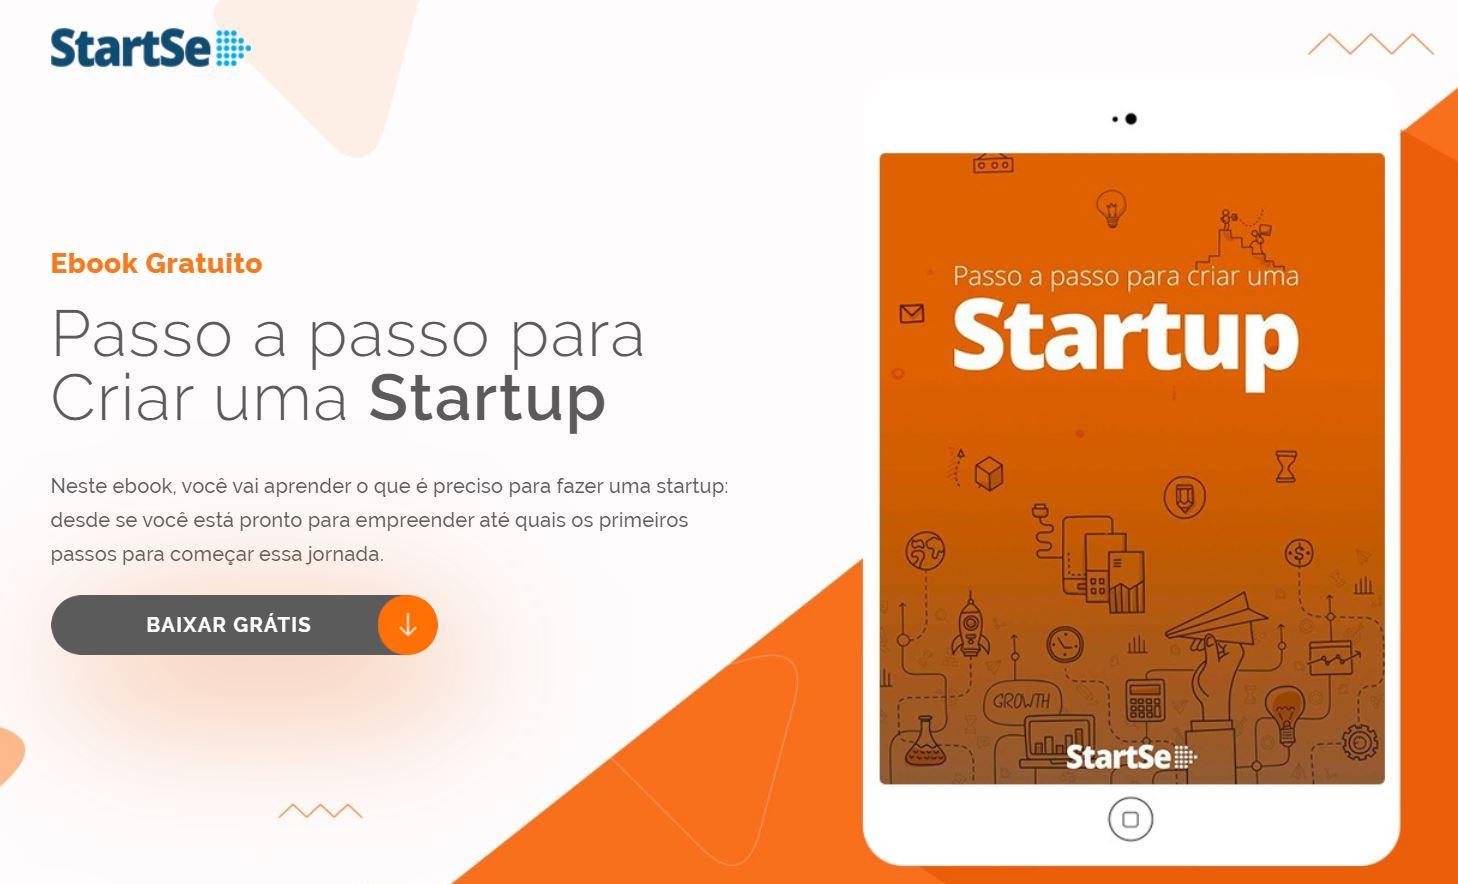 passo a passo para cirar uma startup